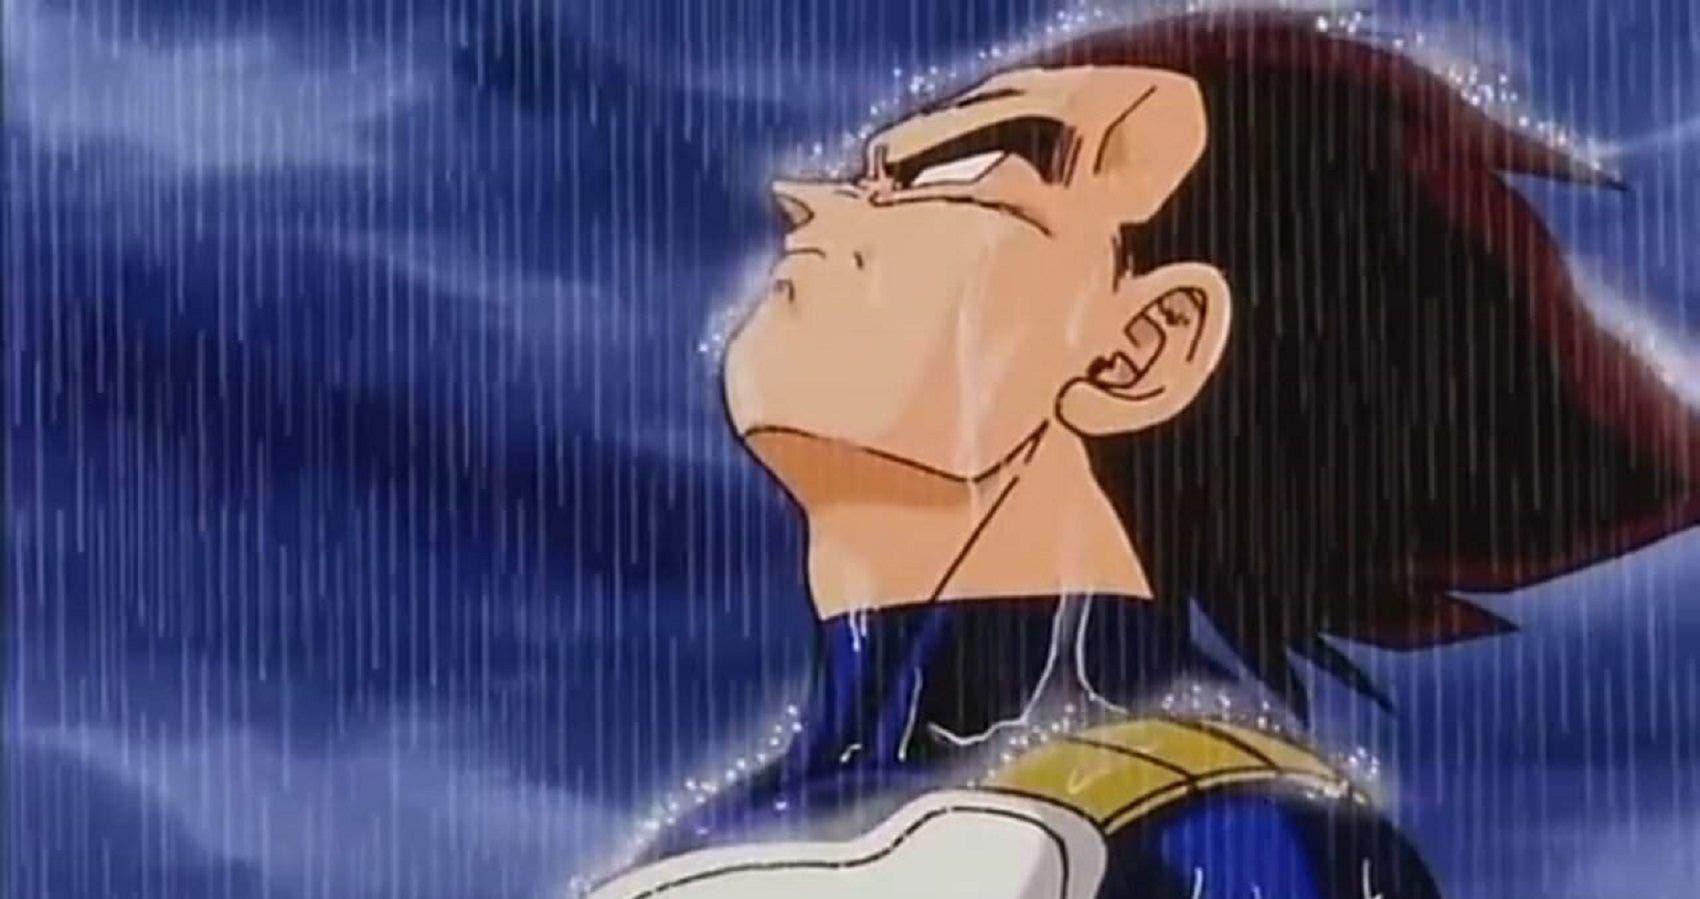 porn a dragon anime Tears of